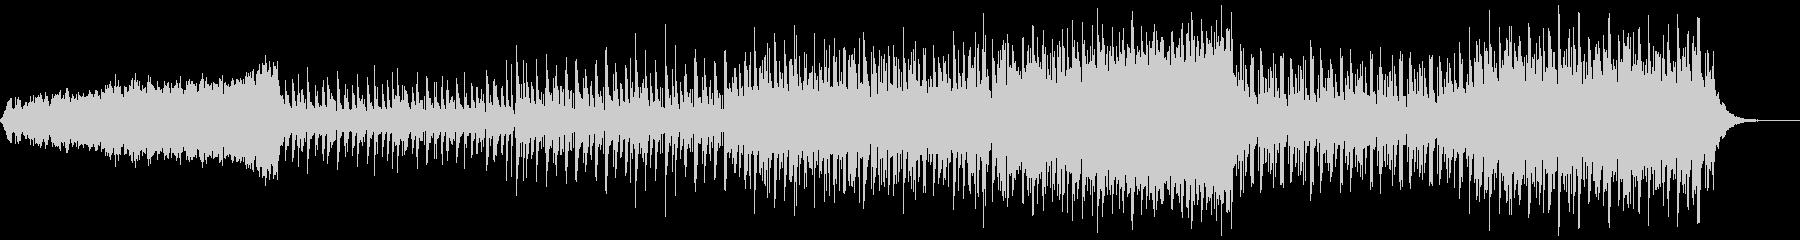 シンセサウンドと三味線のユニゾンの三拍子の未再生の波形